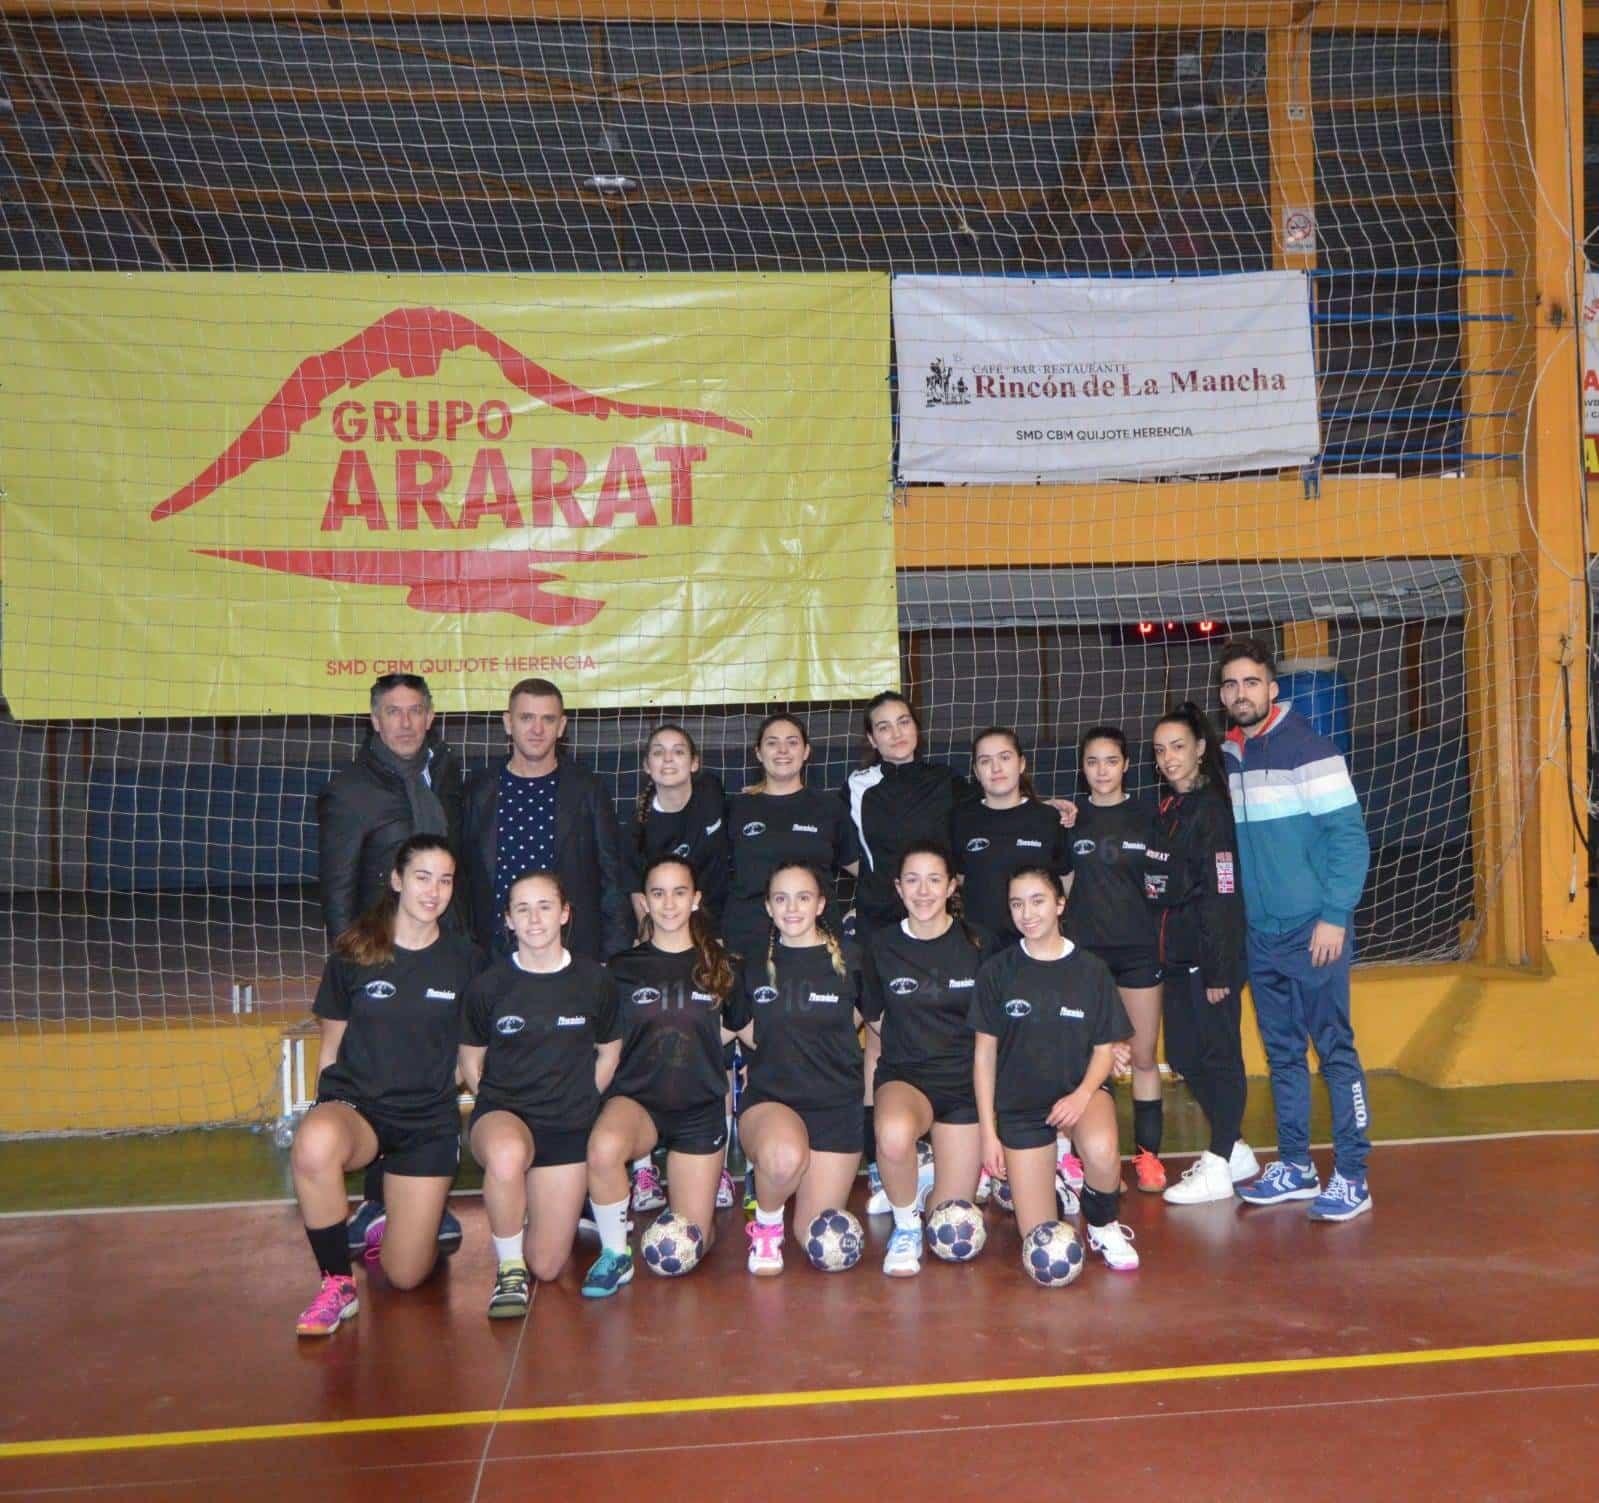 club de balonmano SMD Quijote Herencia1 - El club balonmano SMD Quijote Herencia renueva su acuerdo de patrocinio con el grupo Ararat